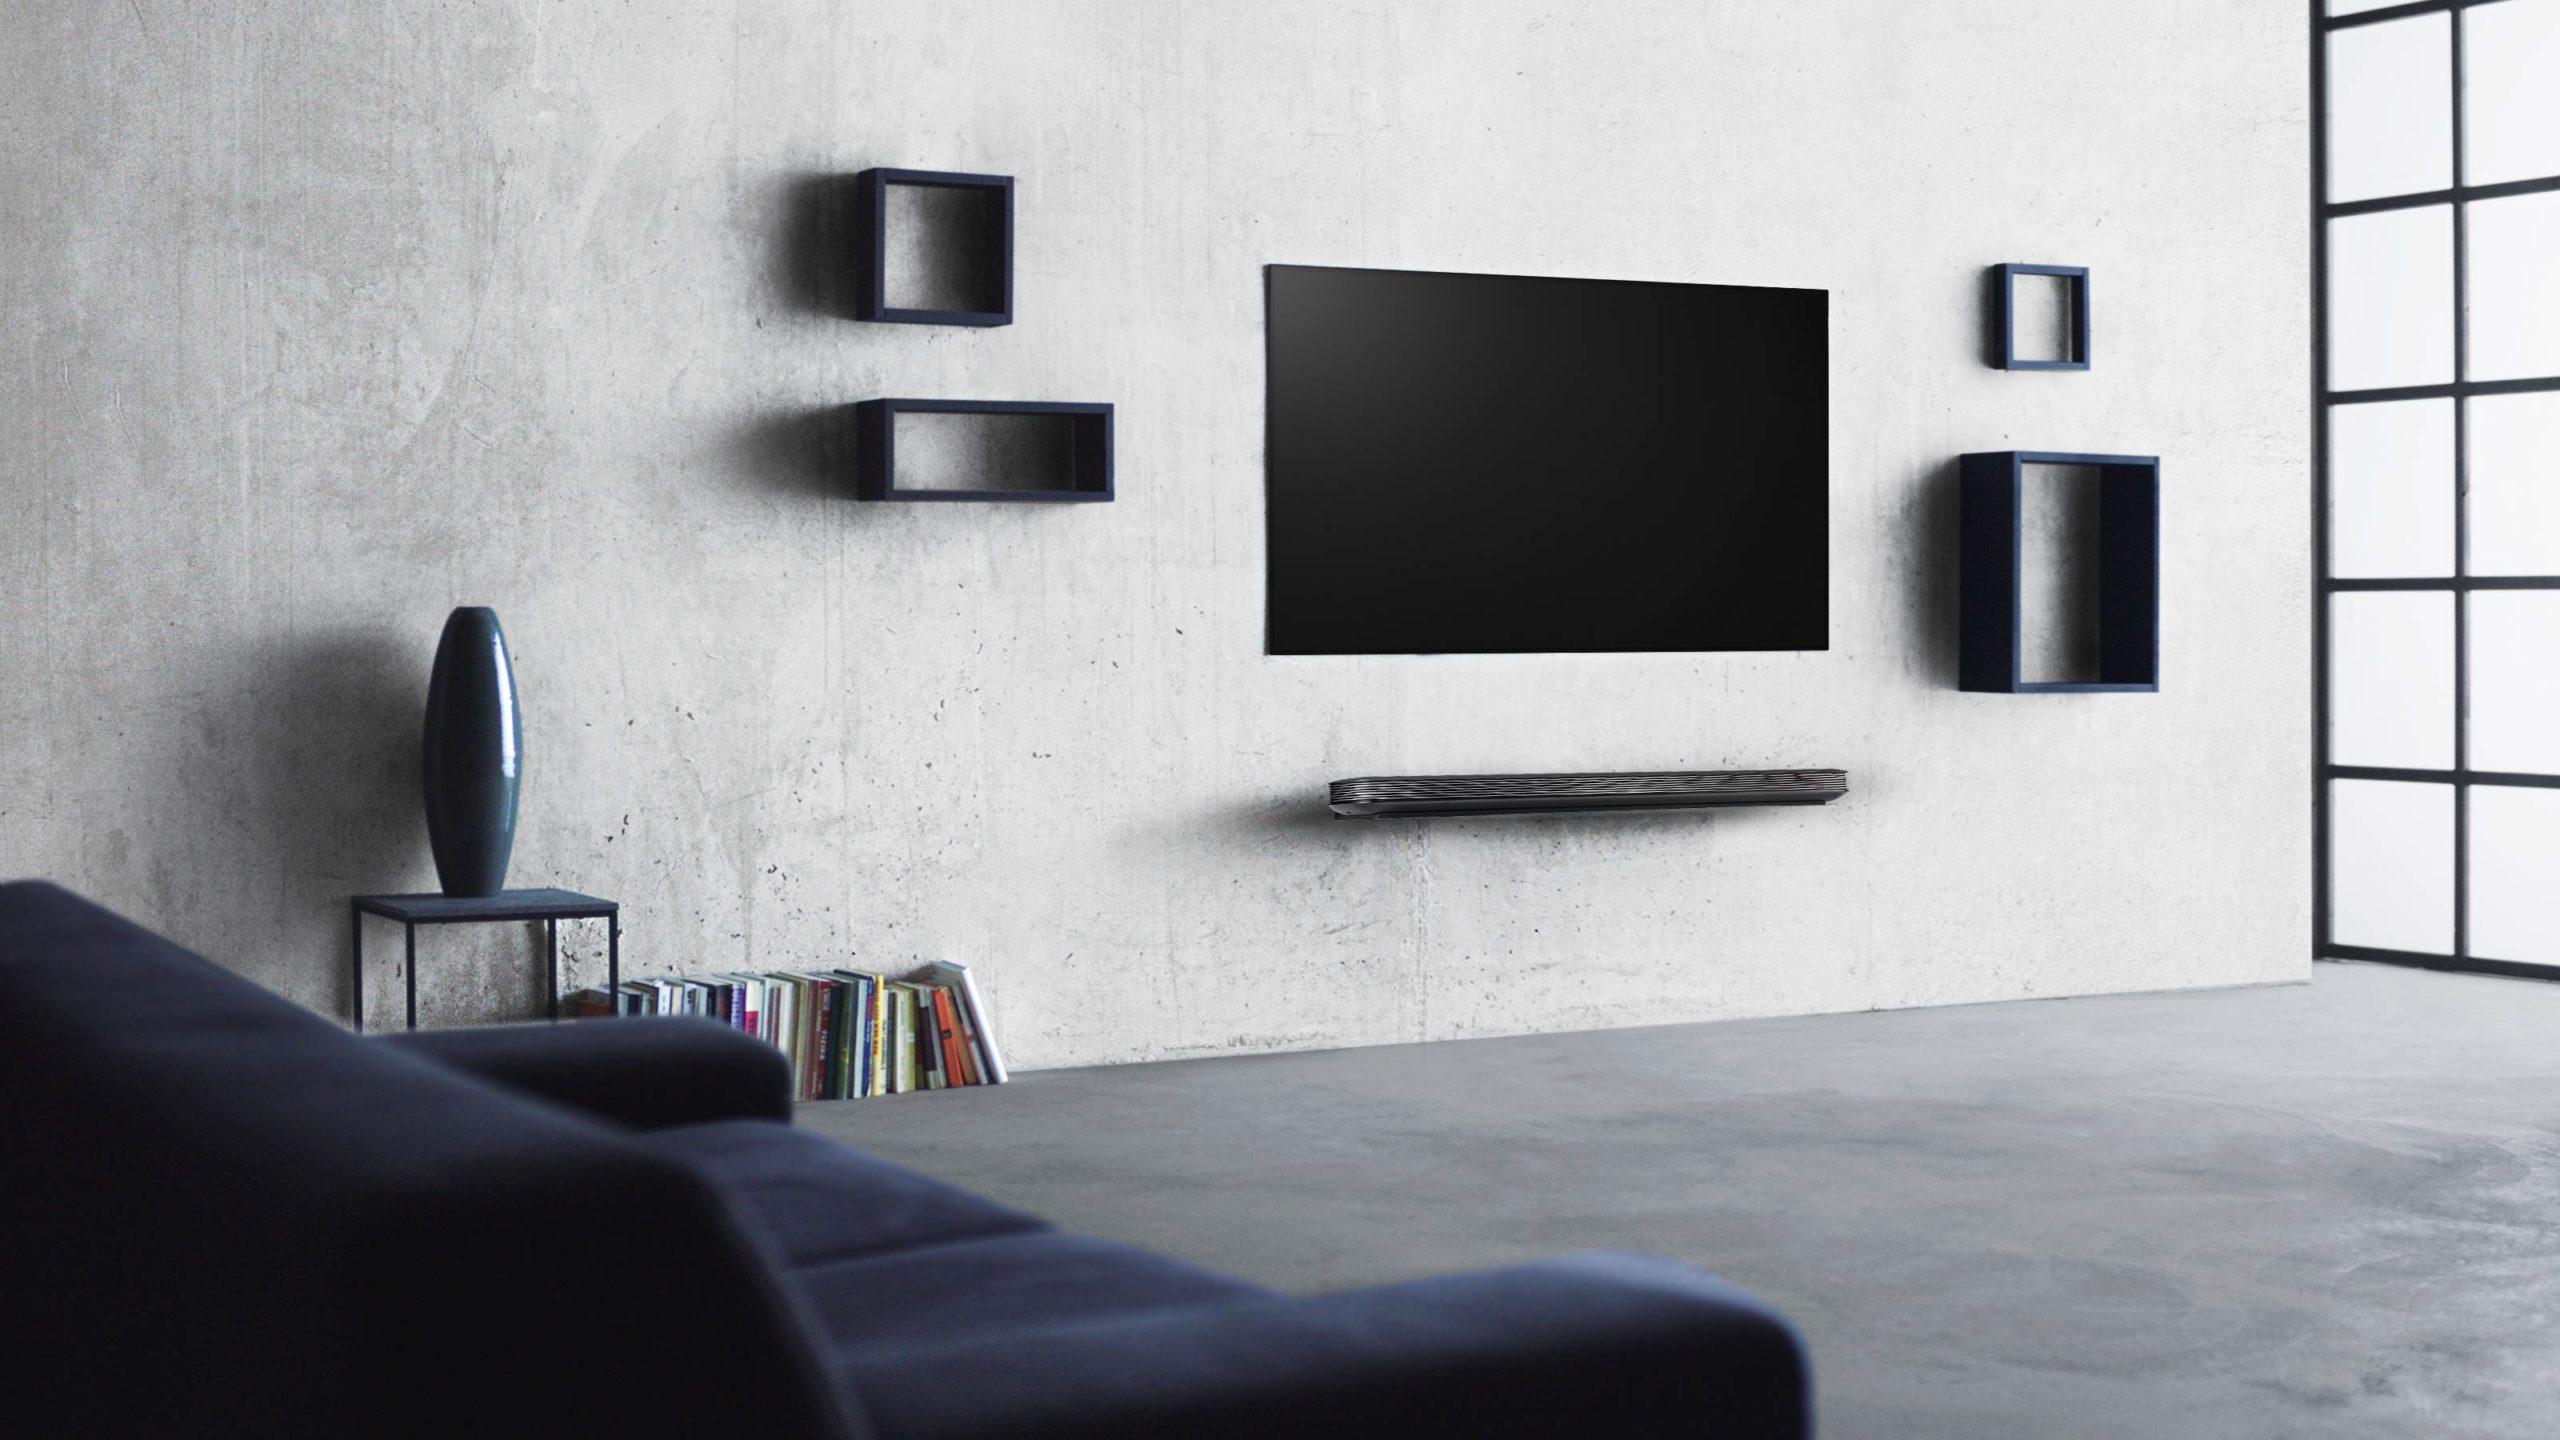 La nueva pantalla LG OLED se camufla a tu decoración como un lienzo más, a solo 20 mm de tu pared